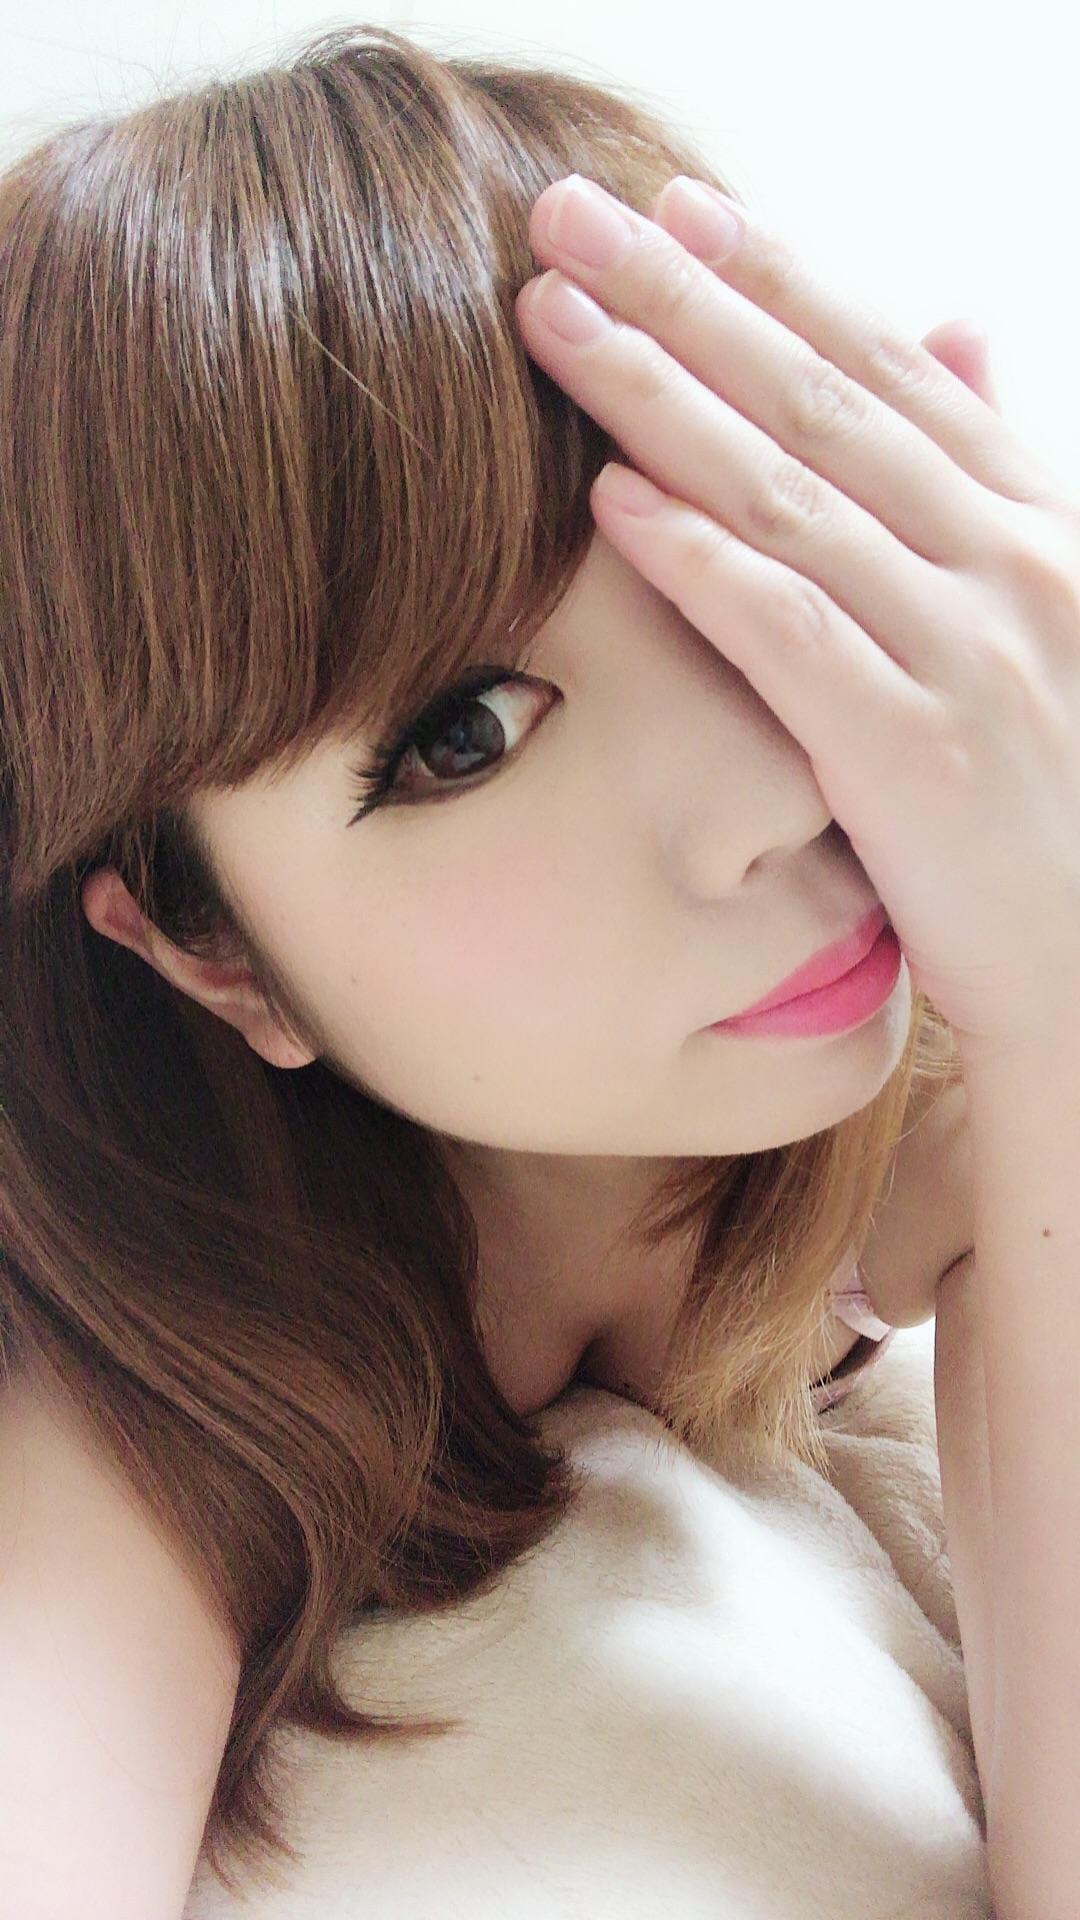 「おはようございます(*´ω`*)」07/21(土) 13:23   サクラの写メ・風俗動画